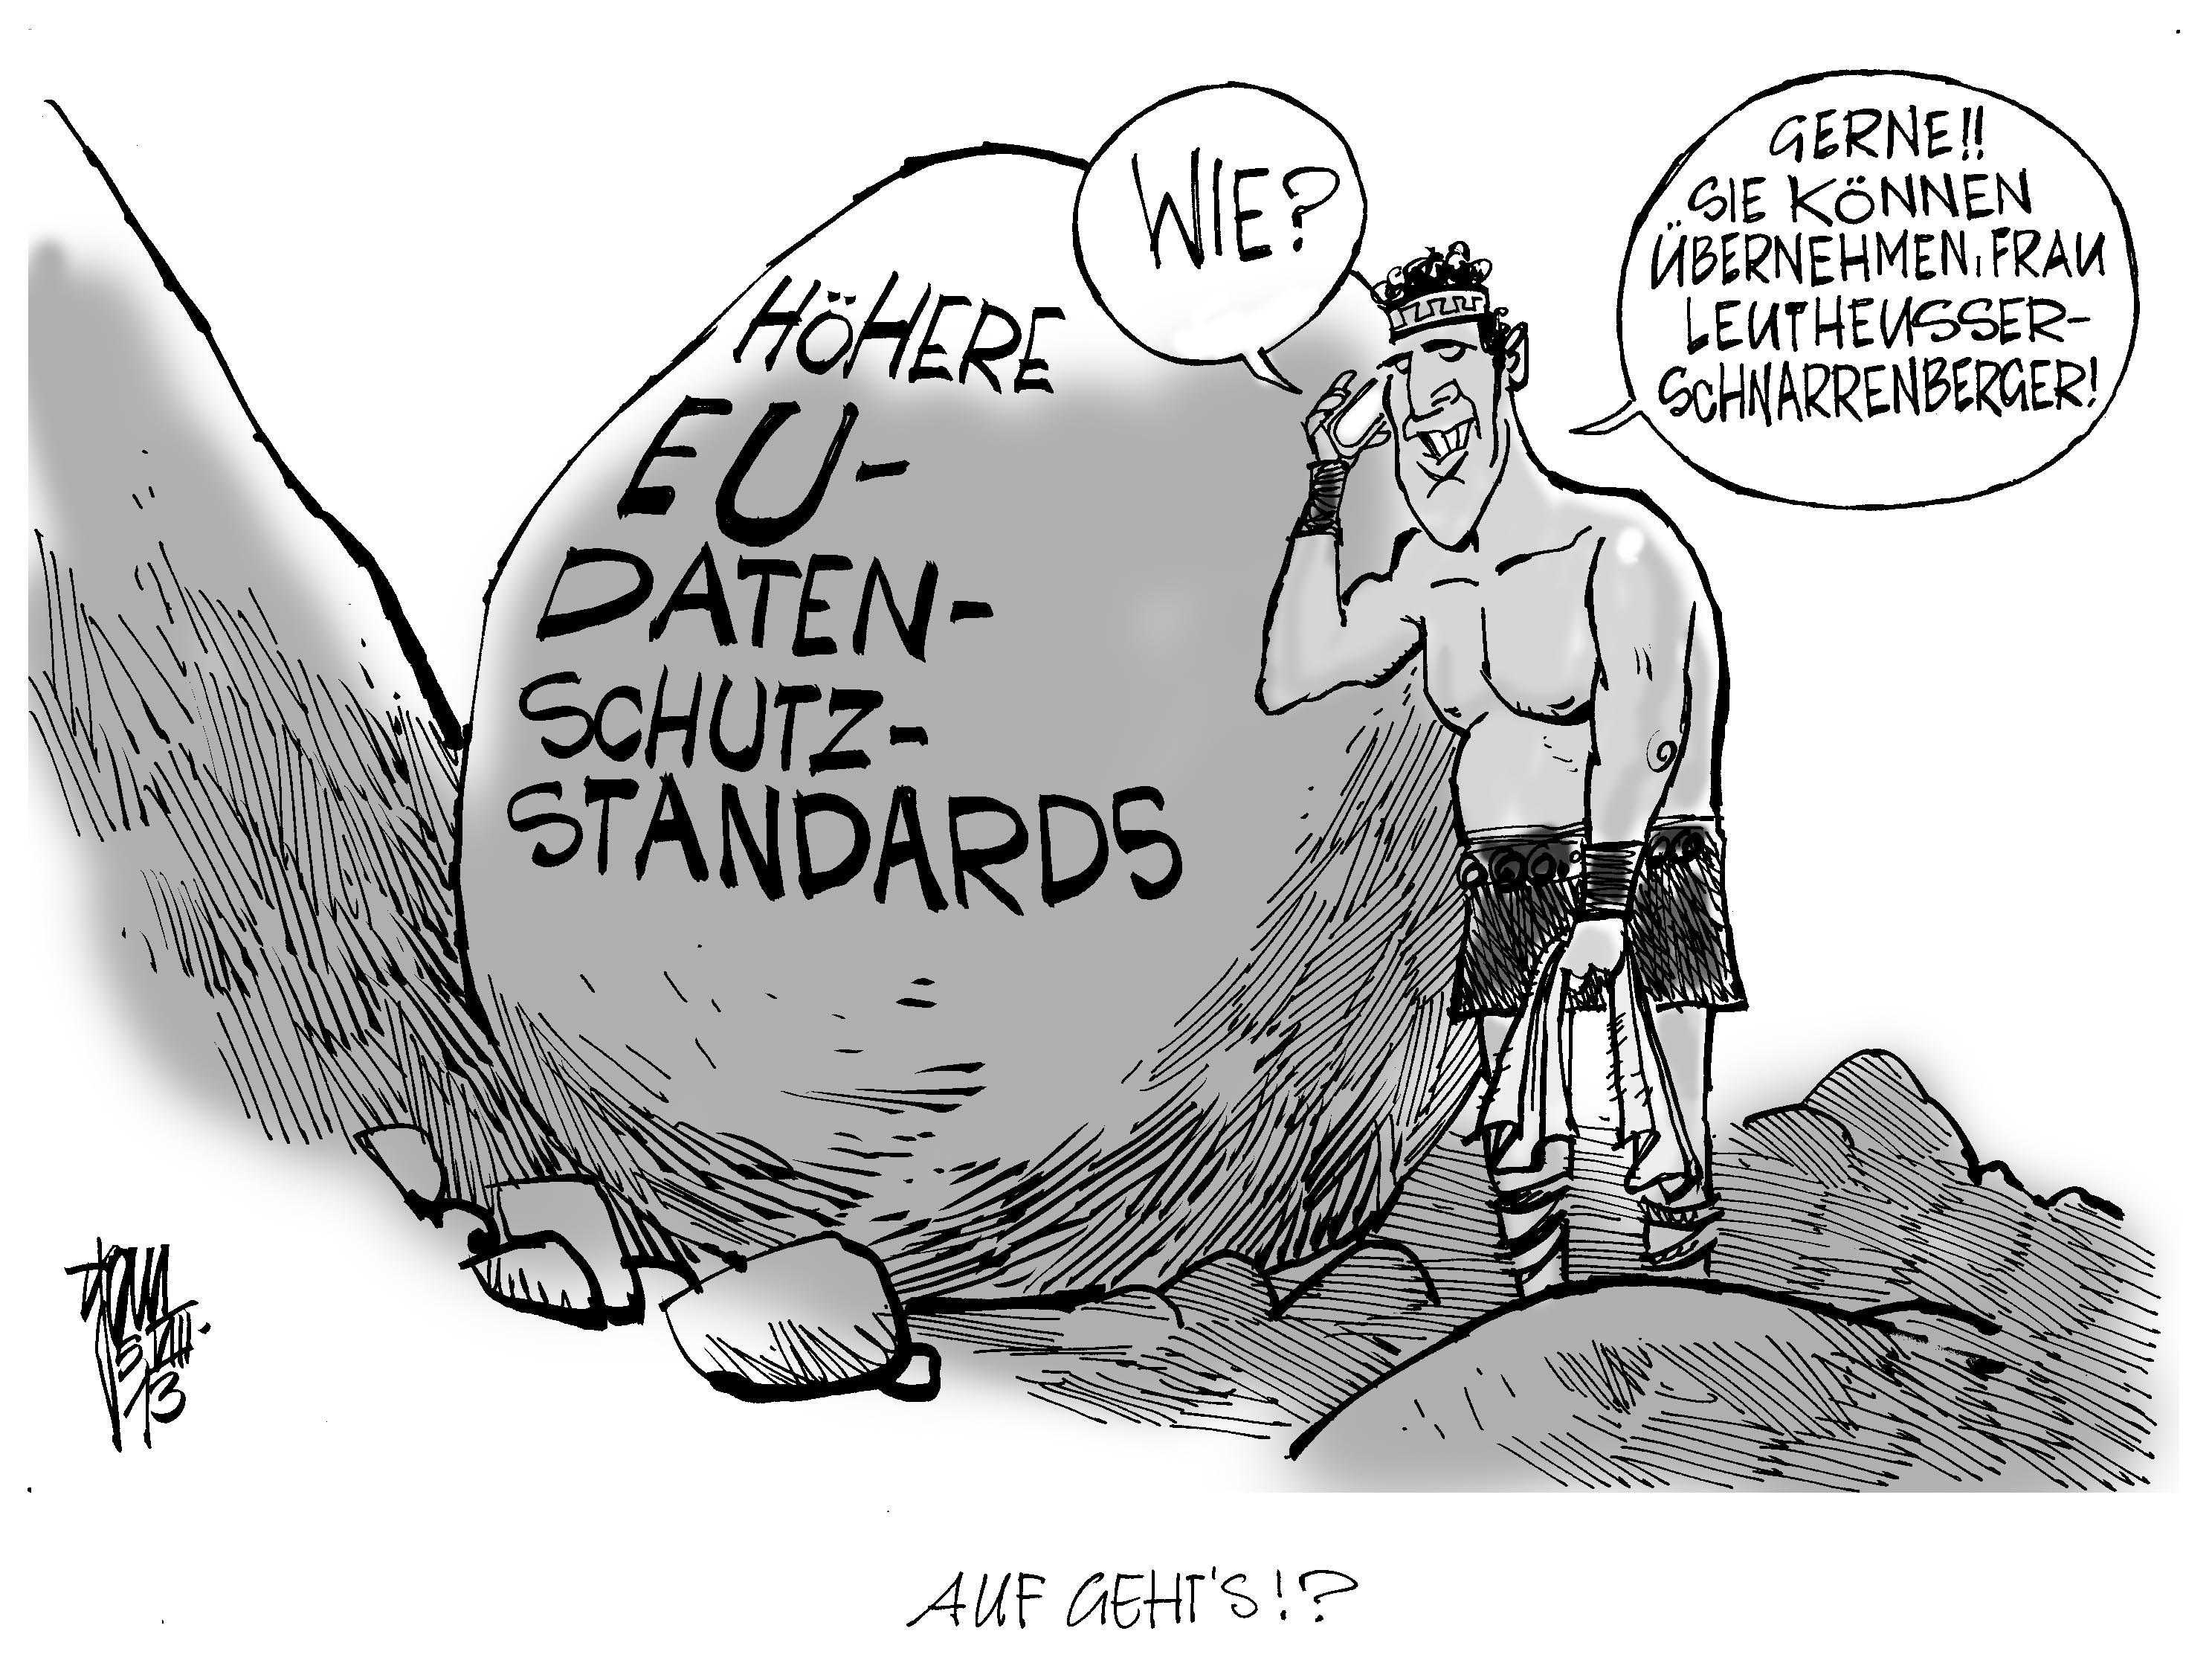 datenschutz archives janson karikatur datenschutzverordnung 2018 datenschutz google maps